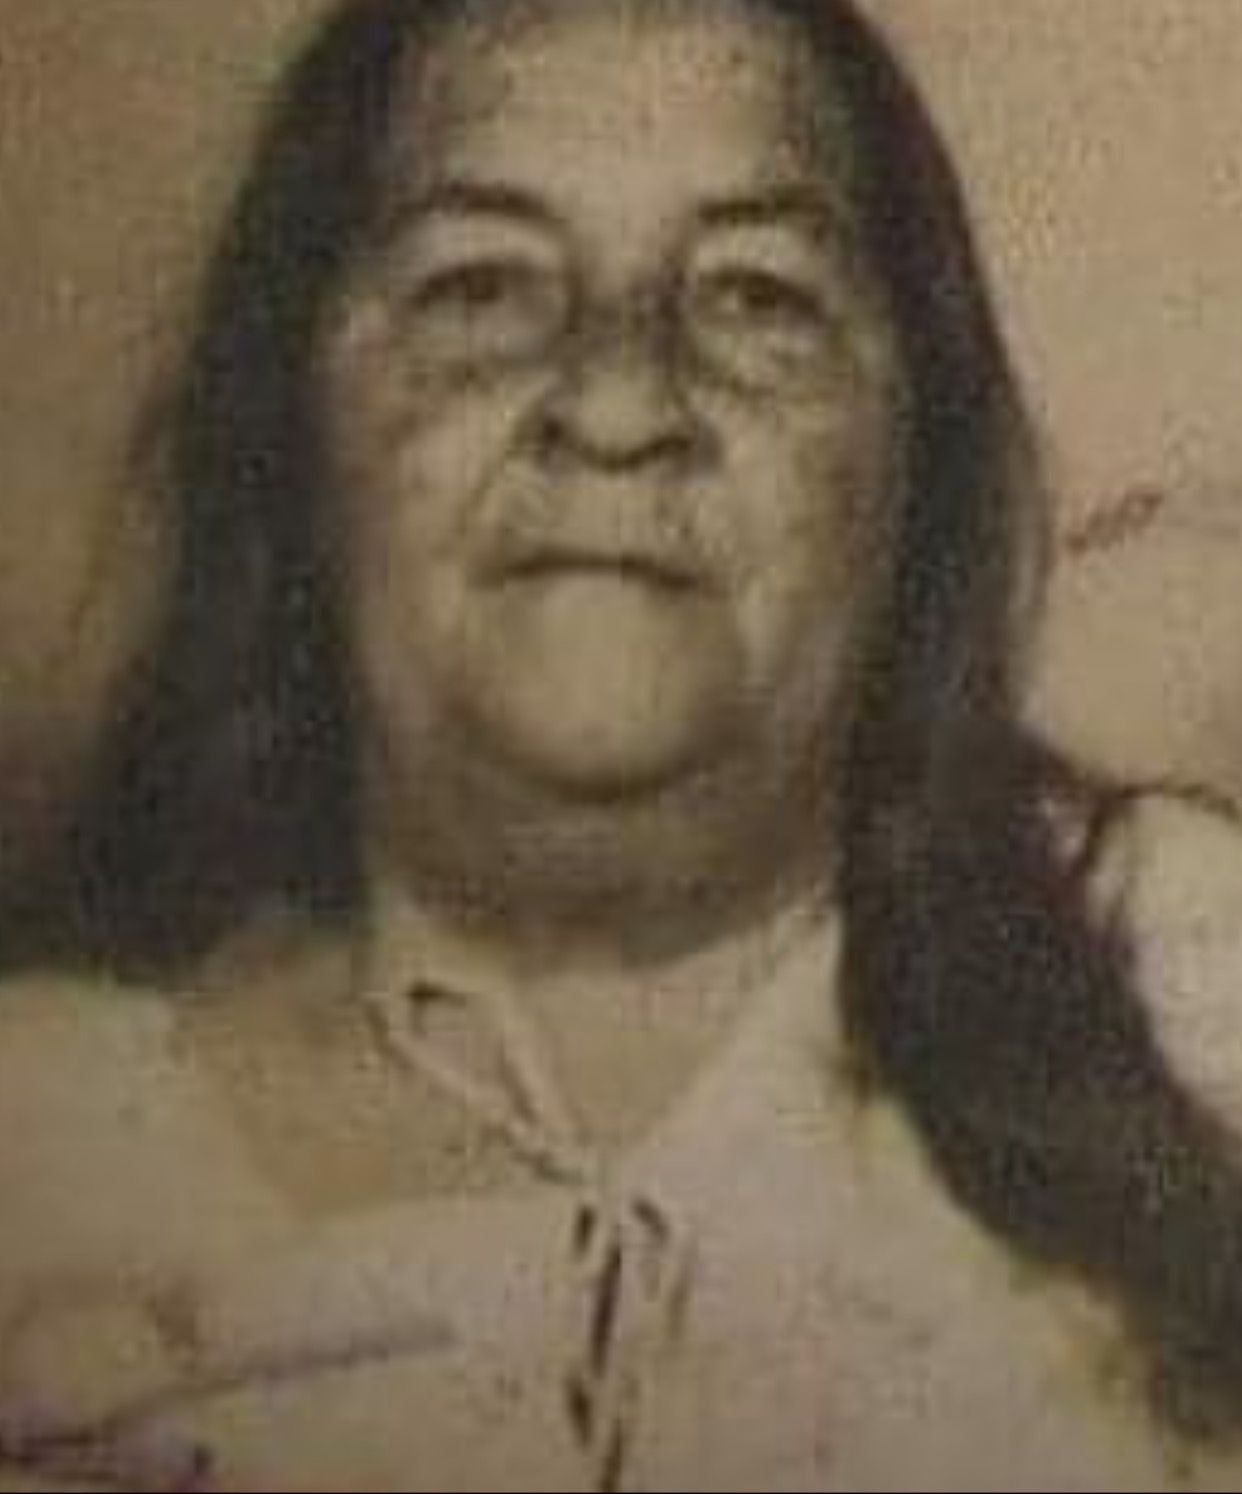 VALE A PENA: Conheça a história da prostituta que virou beata em Barra do Corda